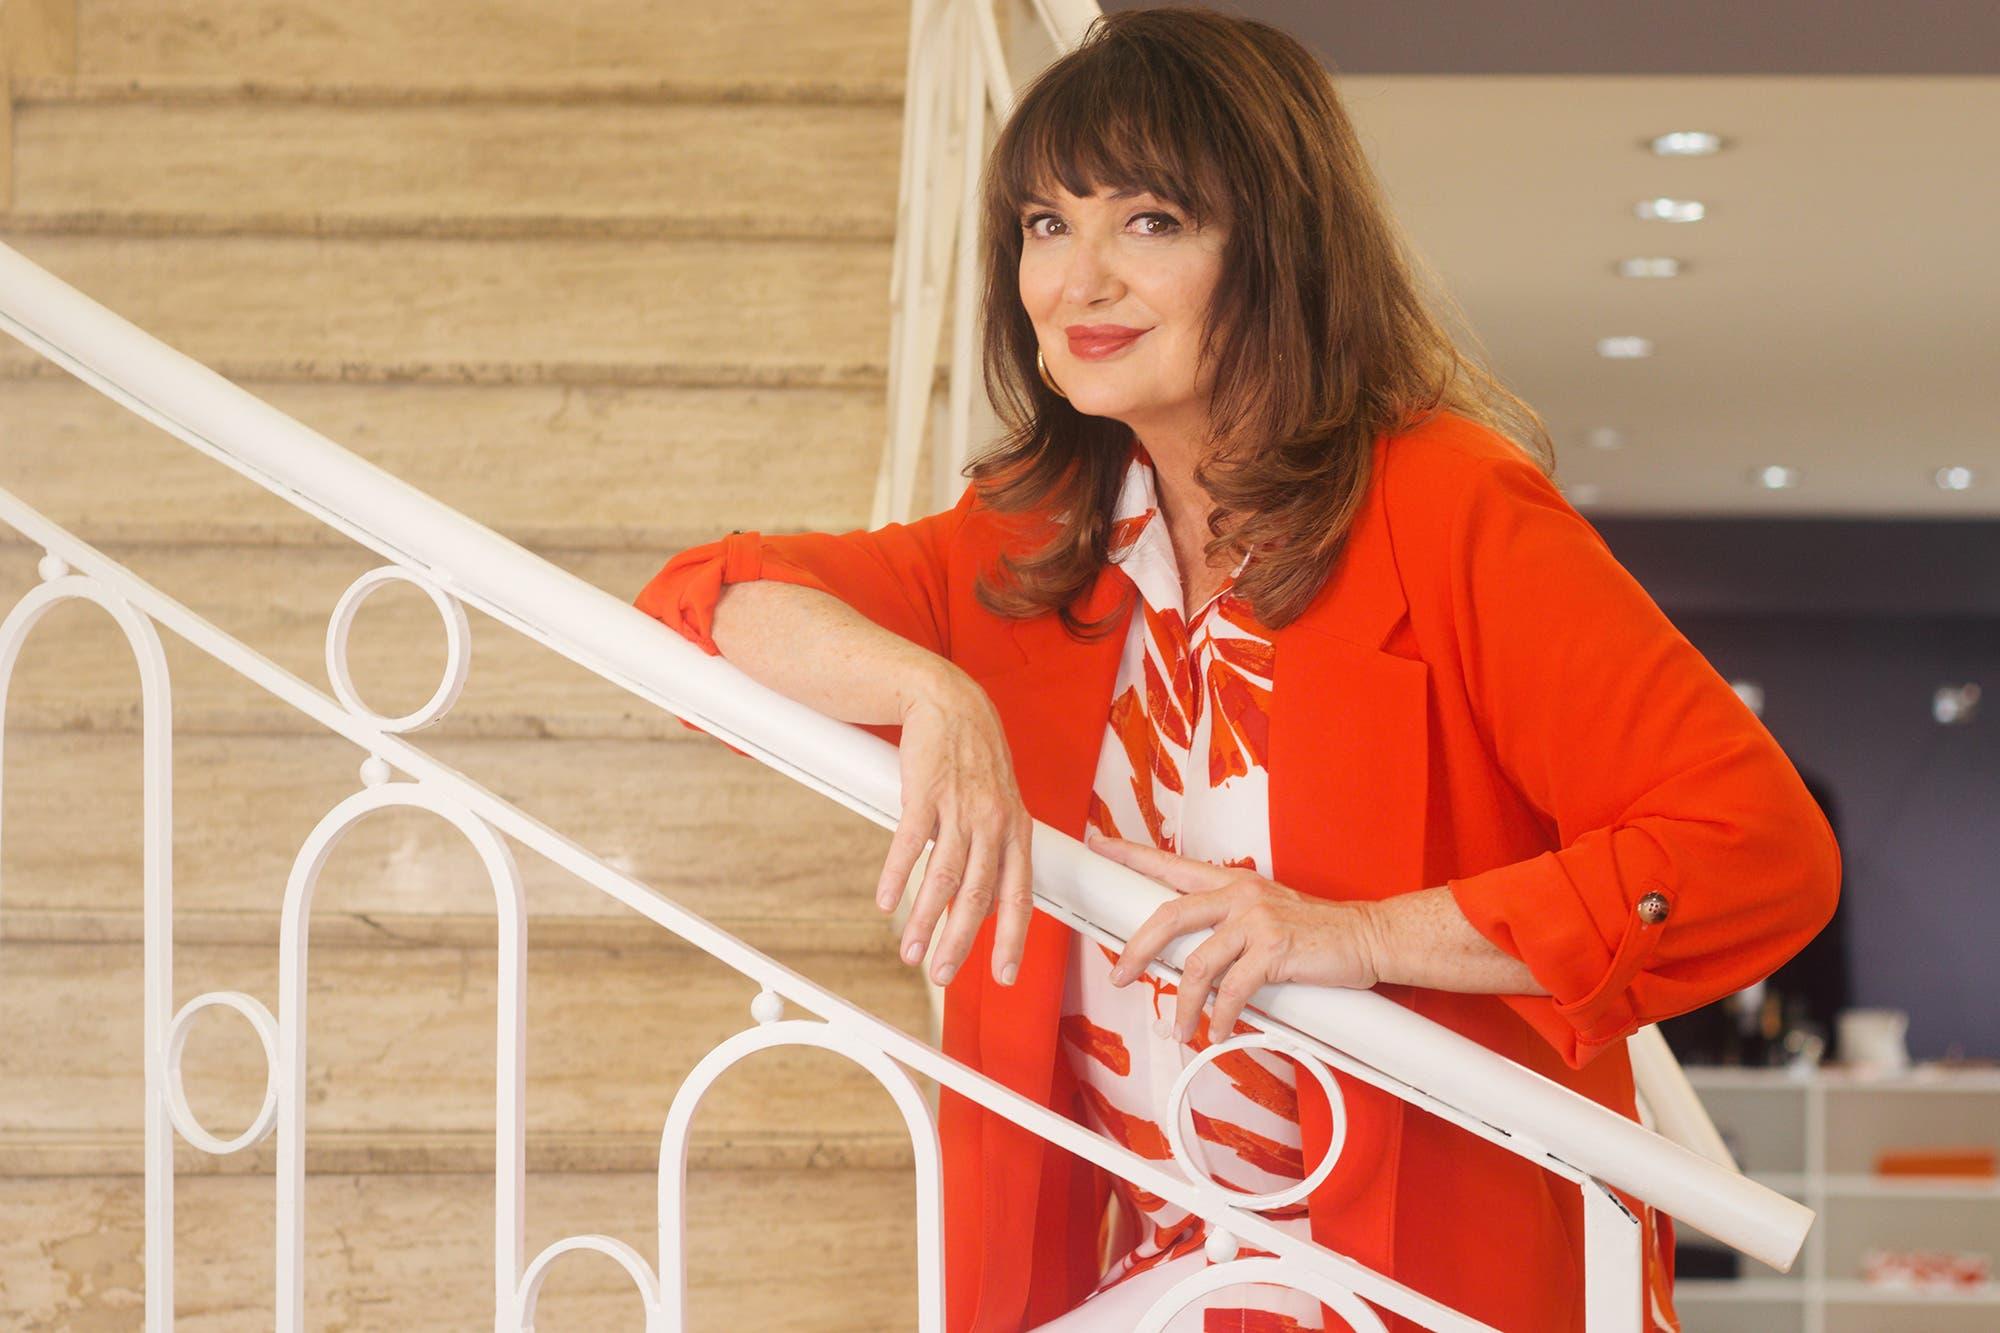 """Patricia Echegoyen: """"Siempre intento ver el vaso medio lleno, porque soy positiva y le meto mucho humor a la vida"""""""